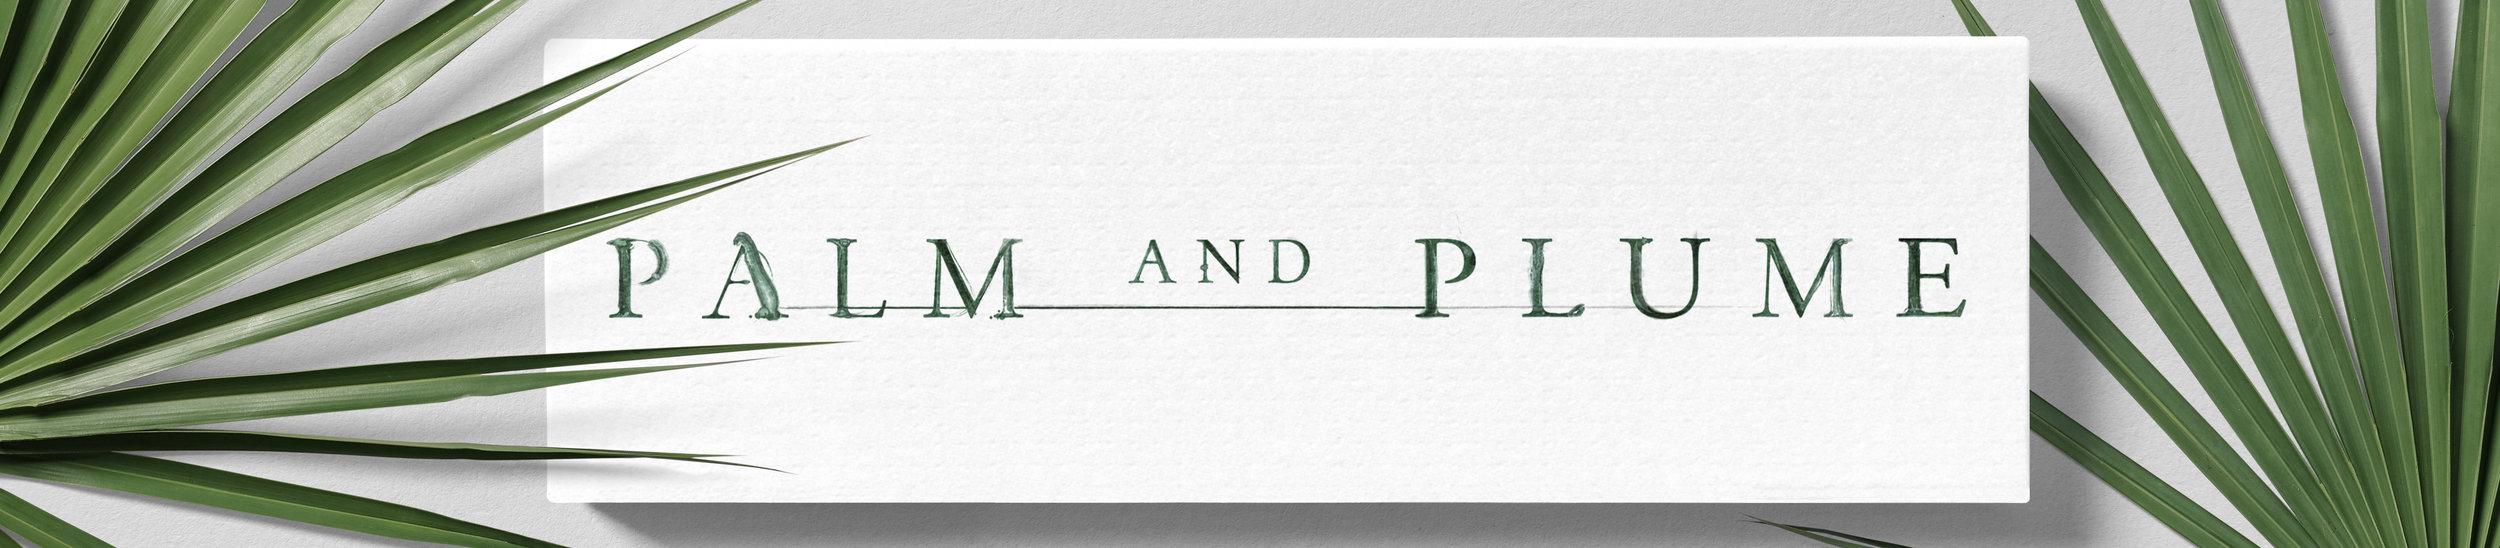 PandP-logoBox-1.jpg